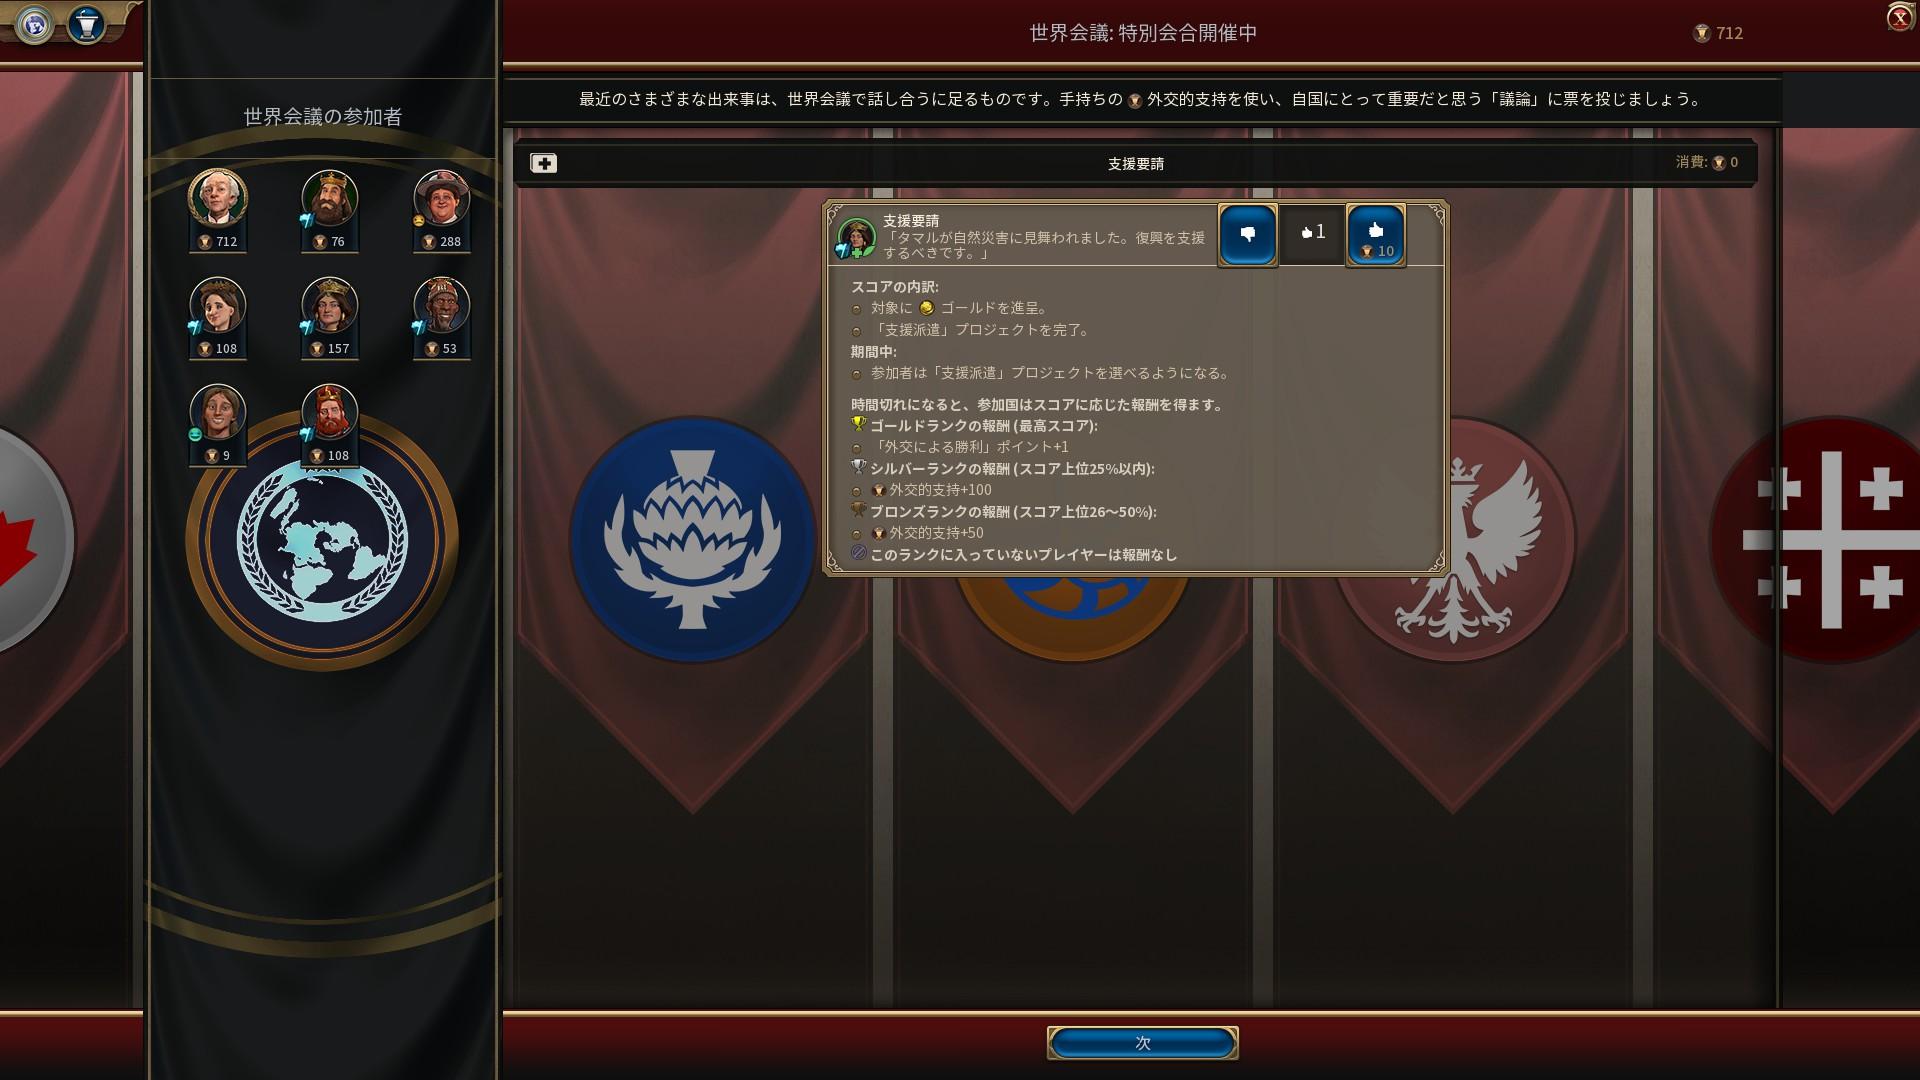 03_災害援助.jpg